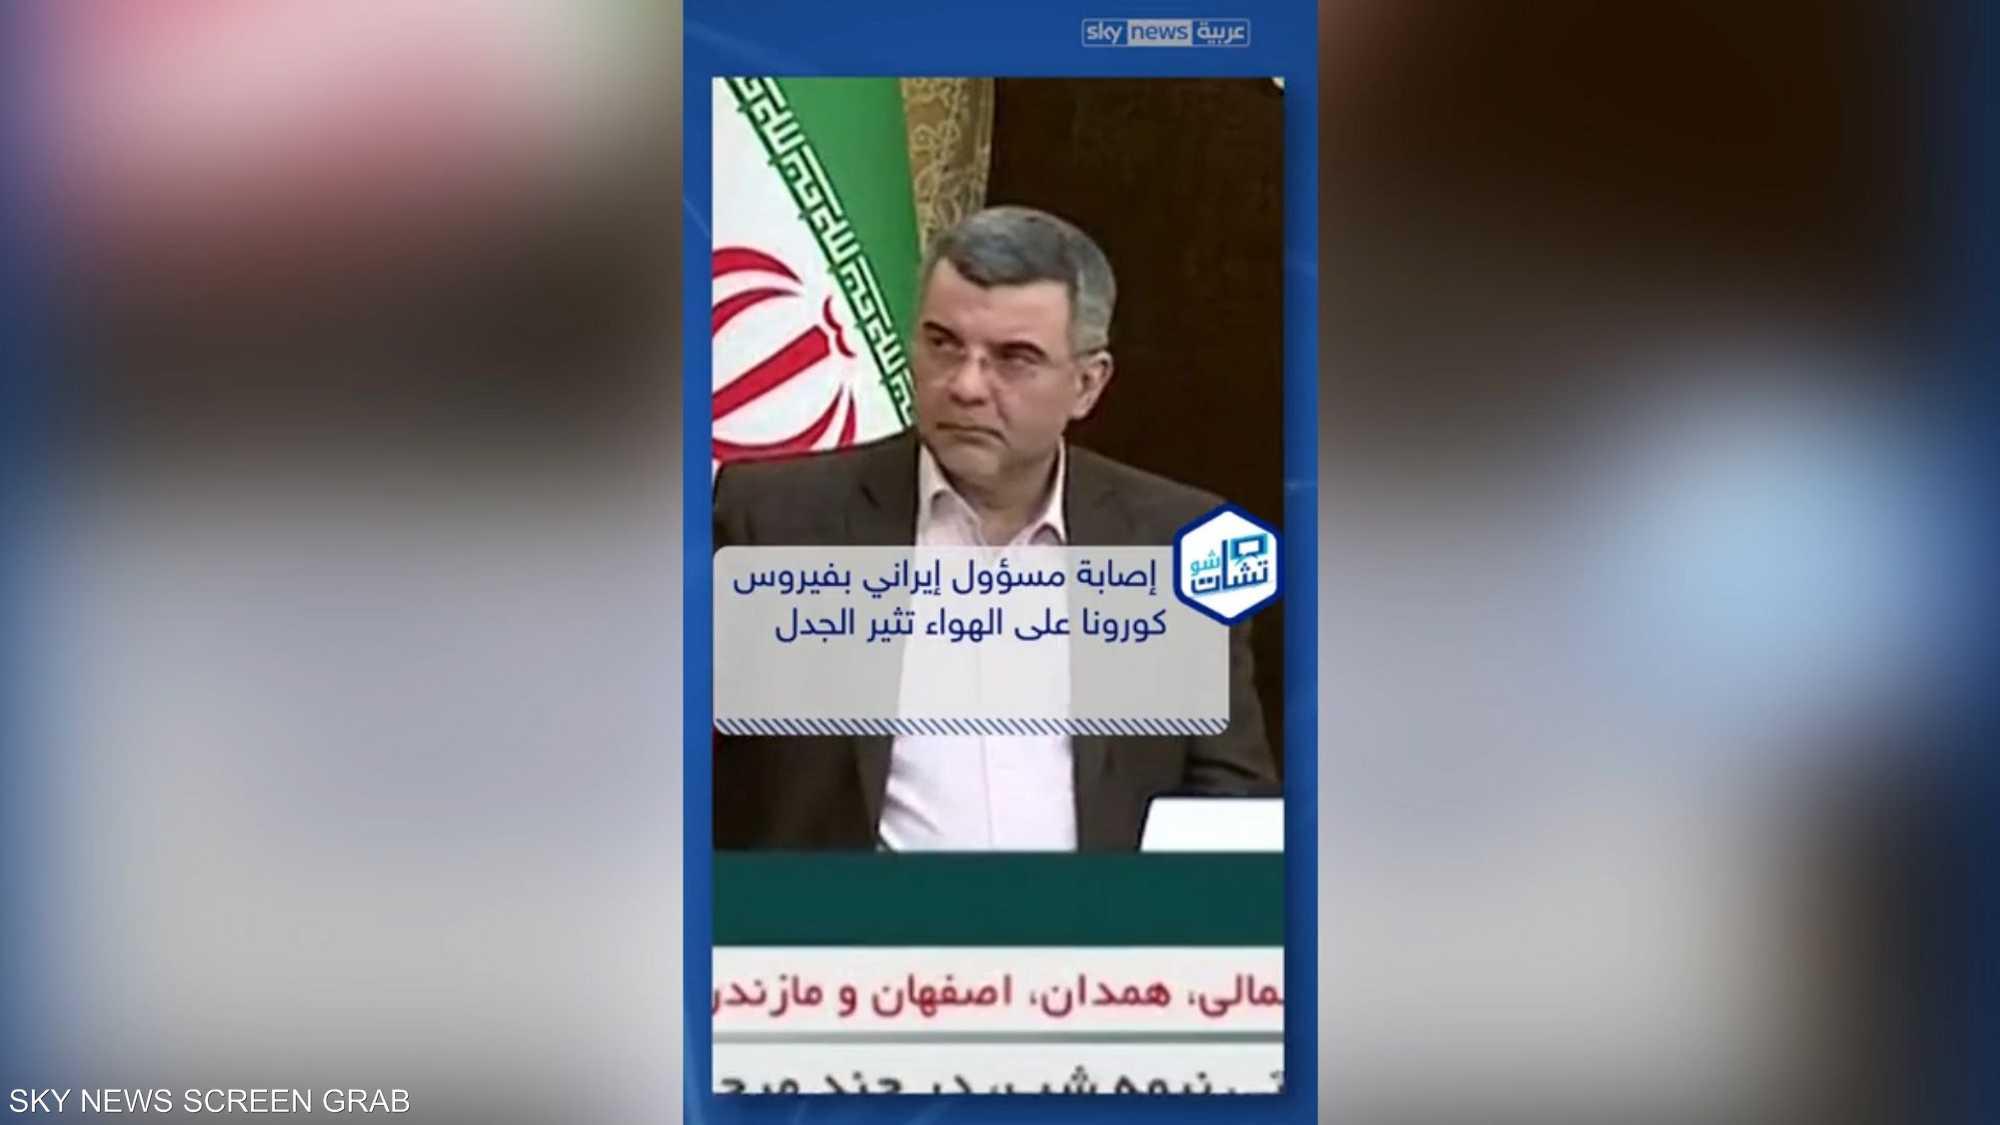 إصابة مسؤول إيراني بفيروس كورونا